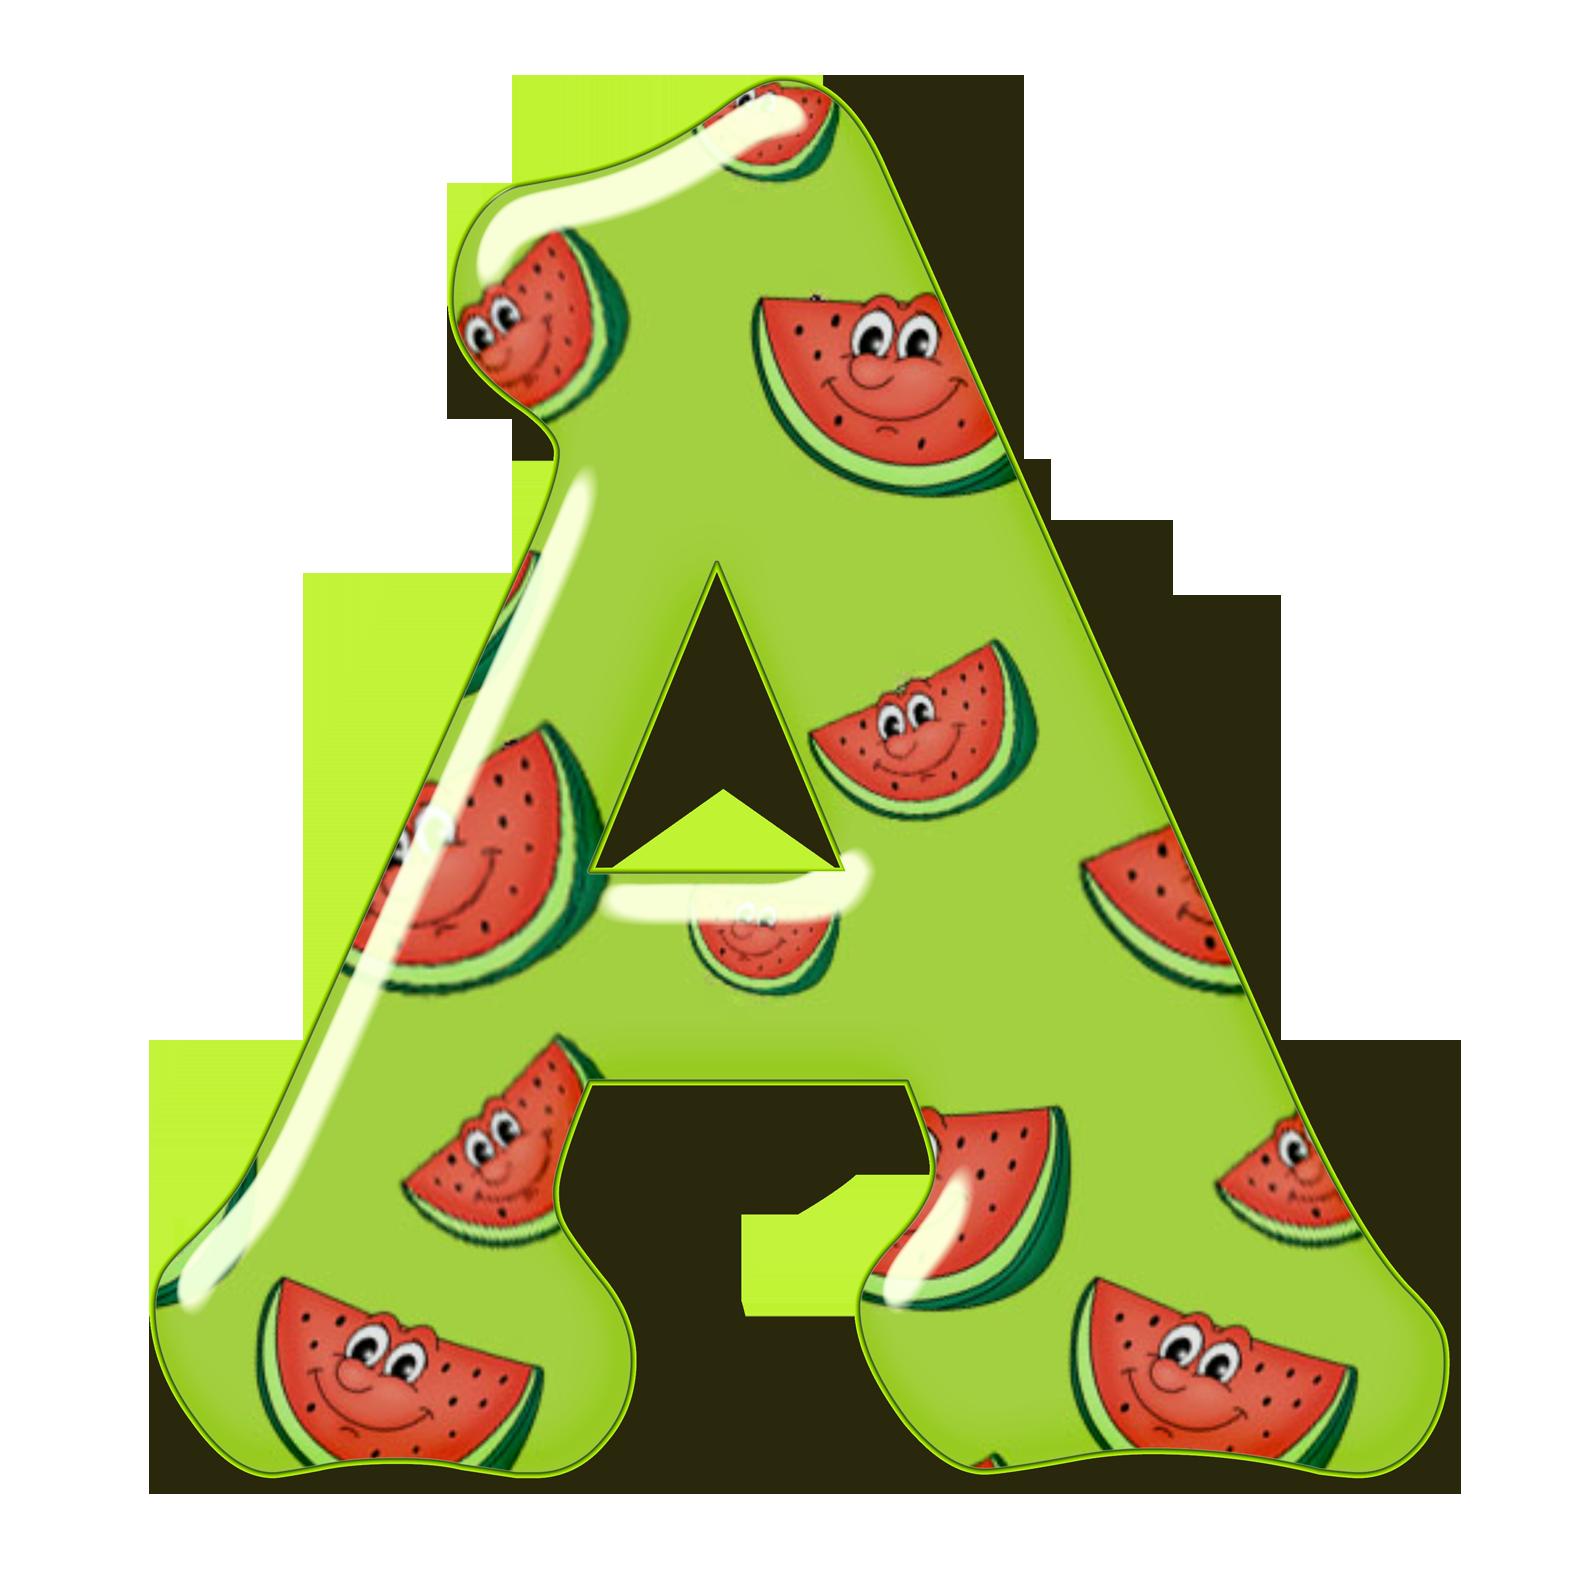 картинки для детей на буквы алфавита